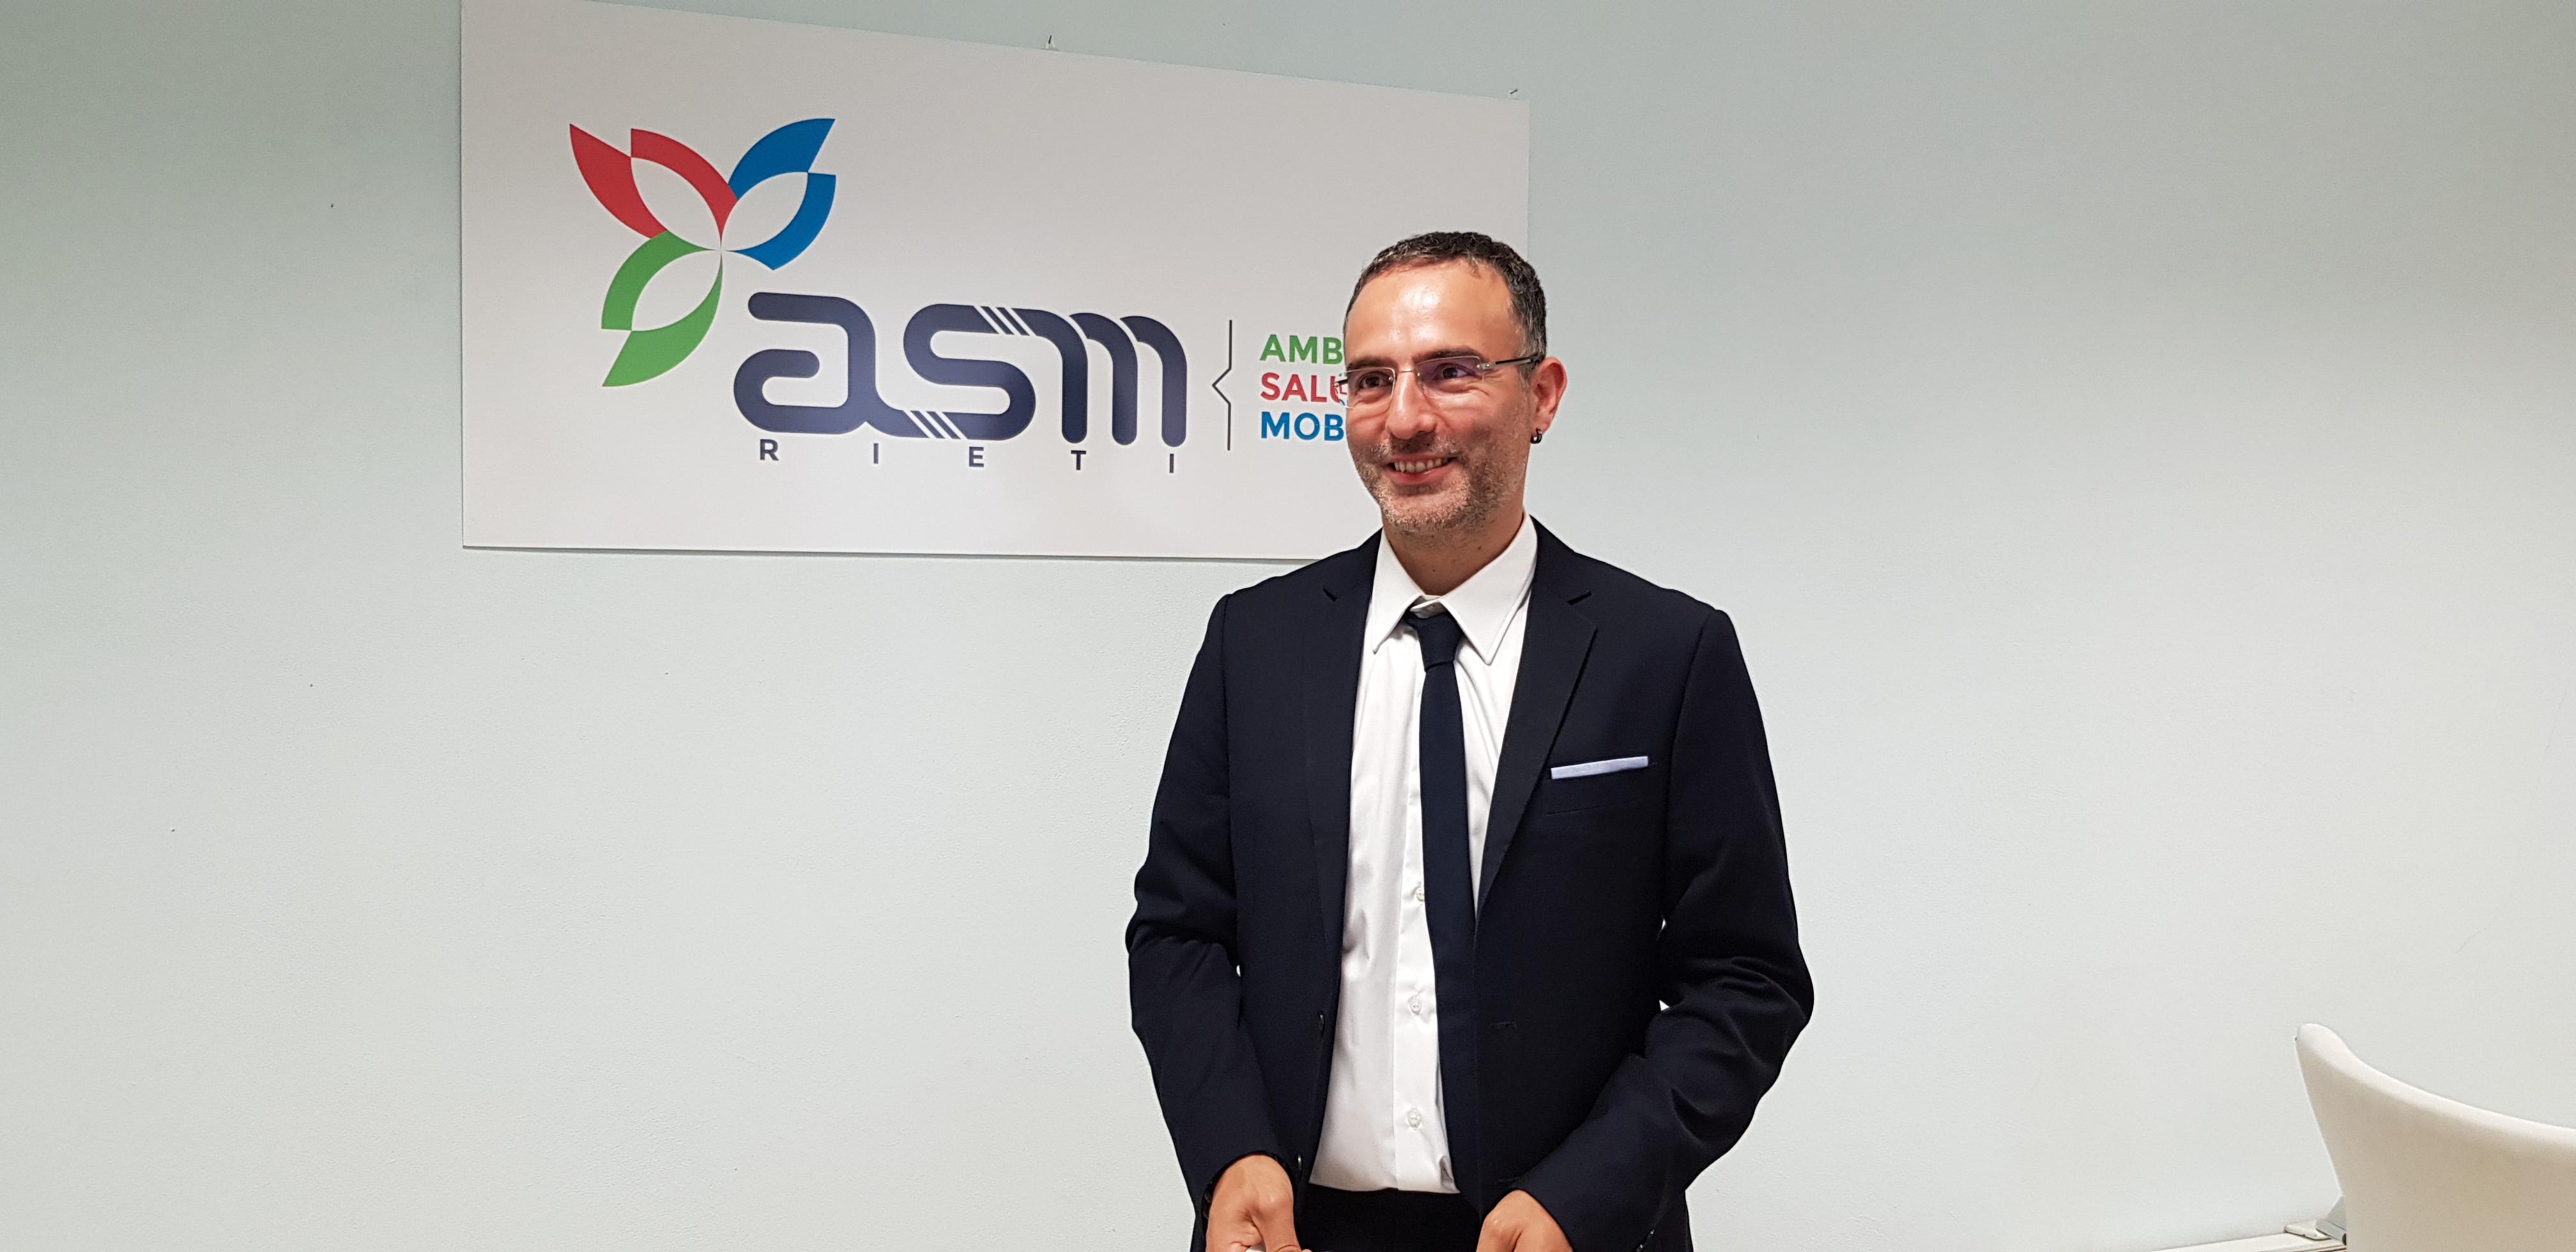 Alessio Ciacci termina il suo mandato in ASM Rieti: triplicata la raccolta differenziata, dimezzati i debiti, migliorati i servizi